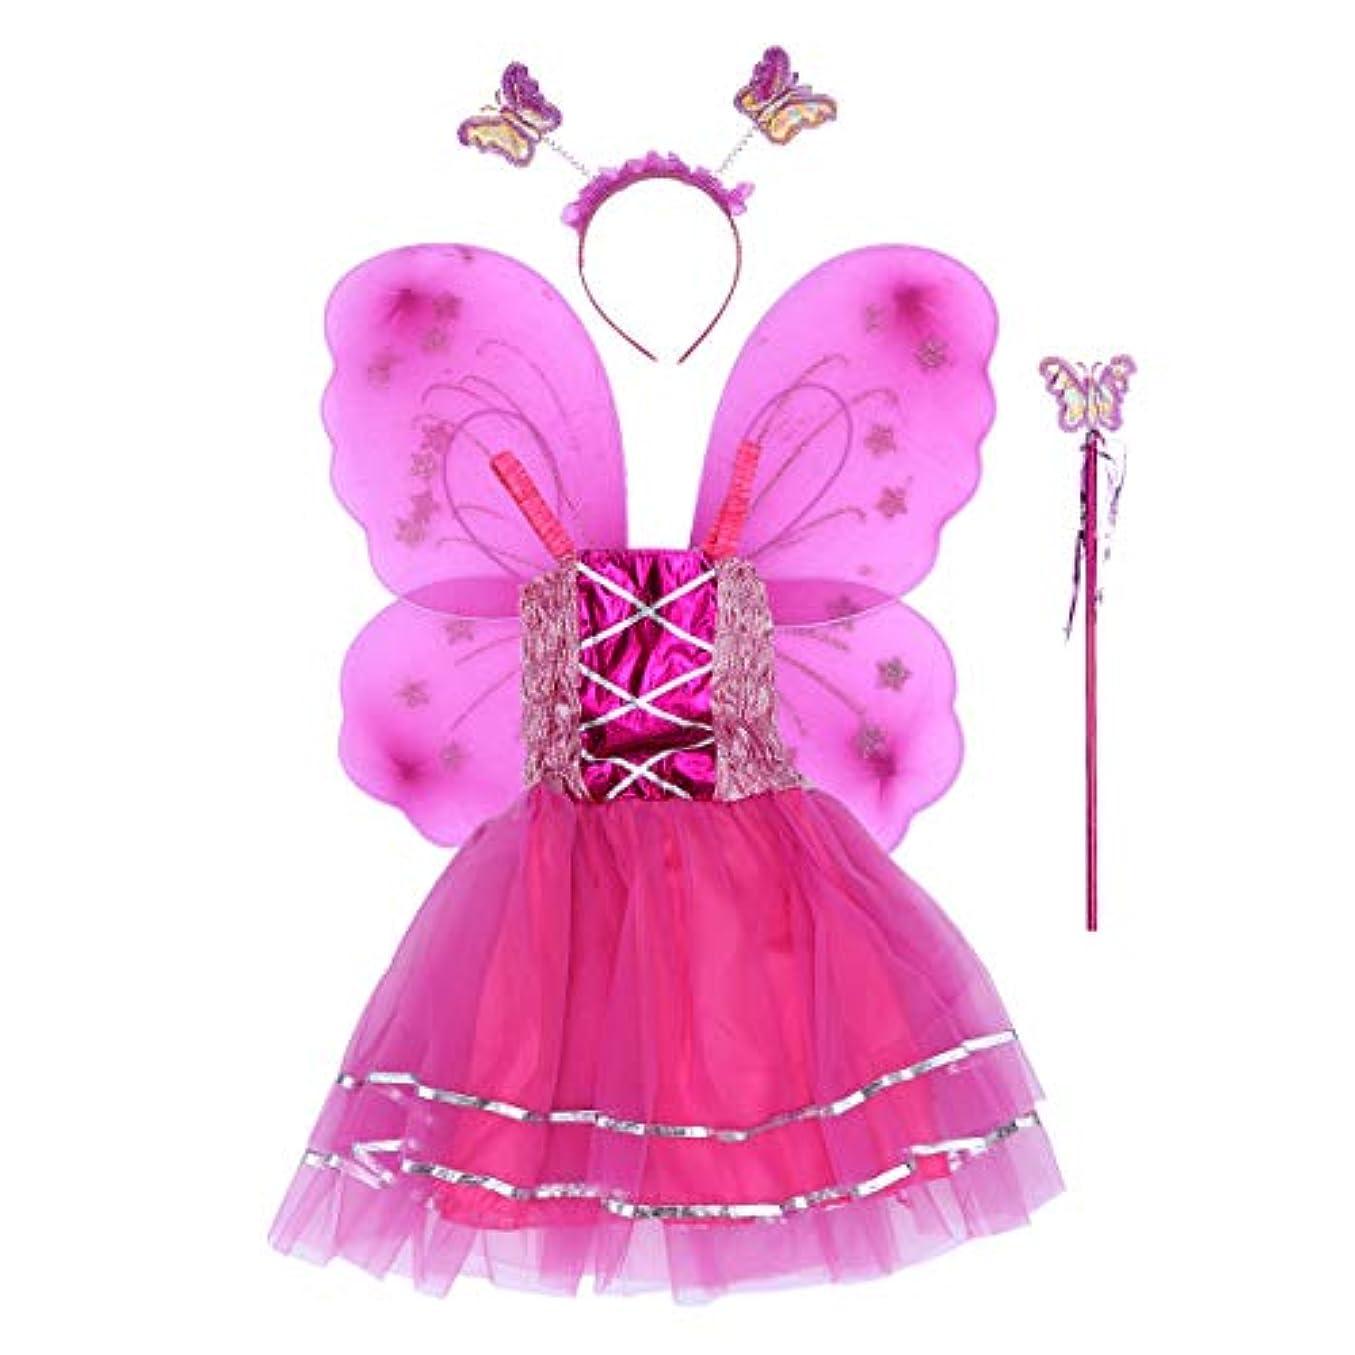 手順ブラウズフルートBESTOYARD 4個の女の子バタフライプリンセス妖精のコスチュームセットバタフライウィング、ワンド、ヘッドバンドとツツードレス(ロージー)